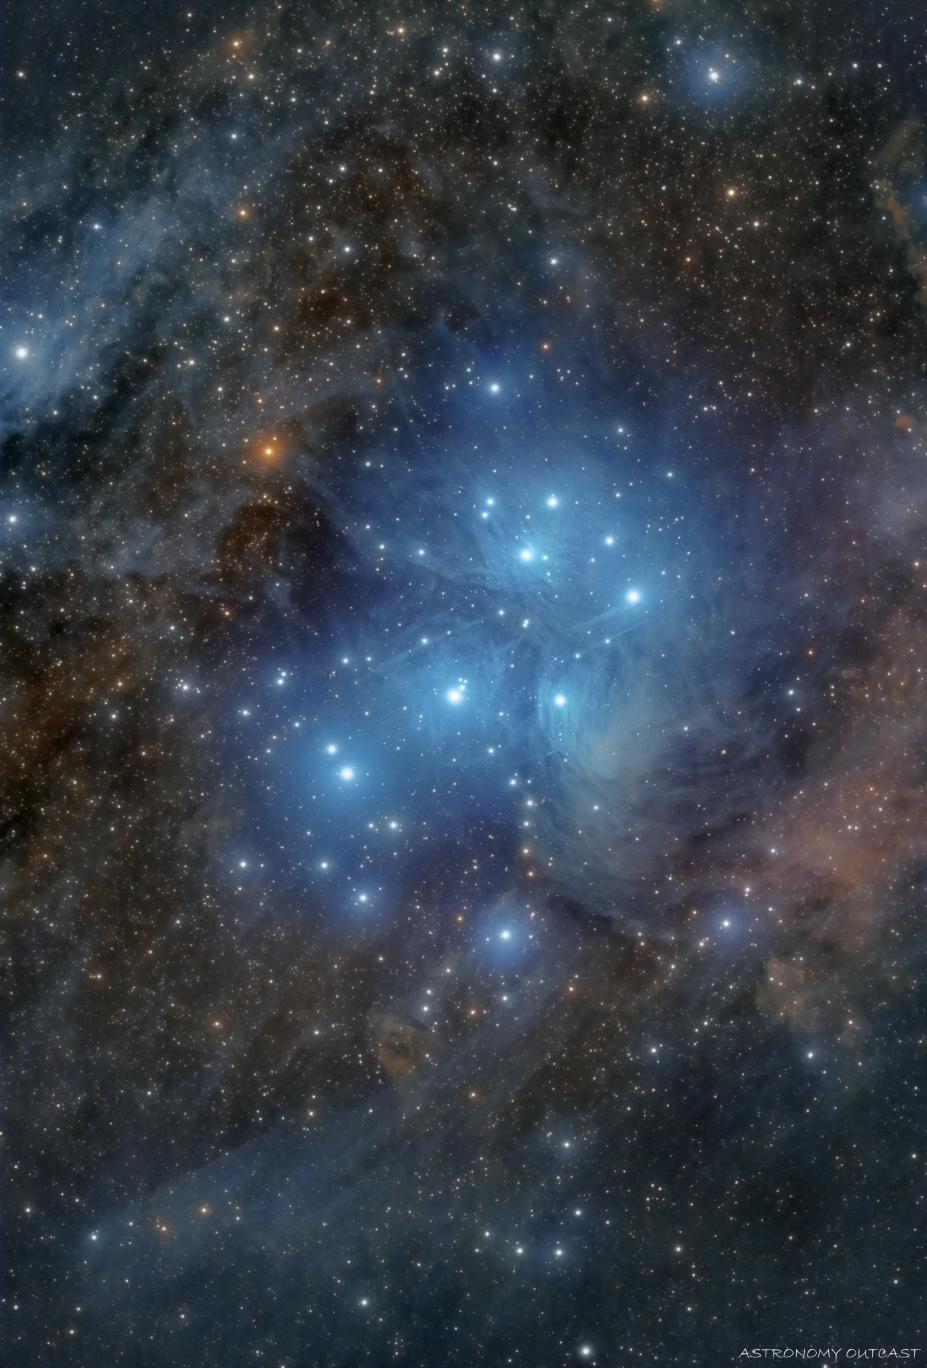 M45 - 61/274 EDPH - Hypercam 294C